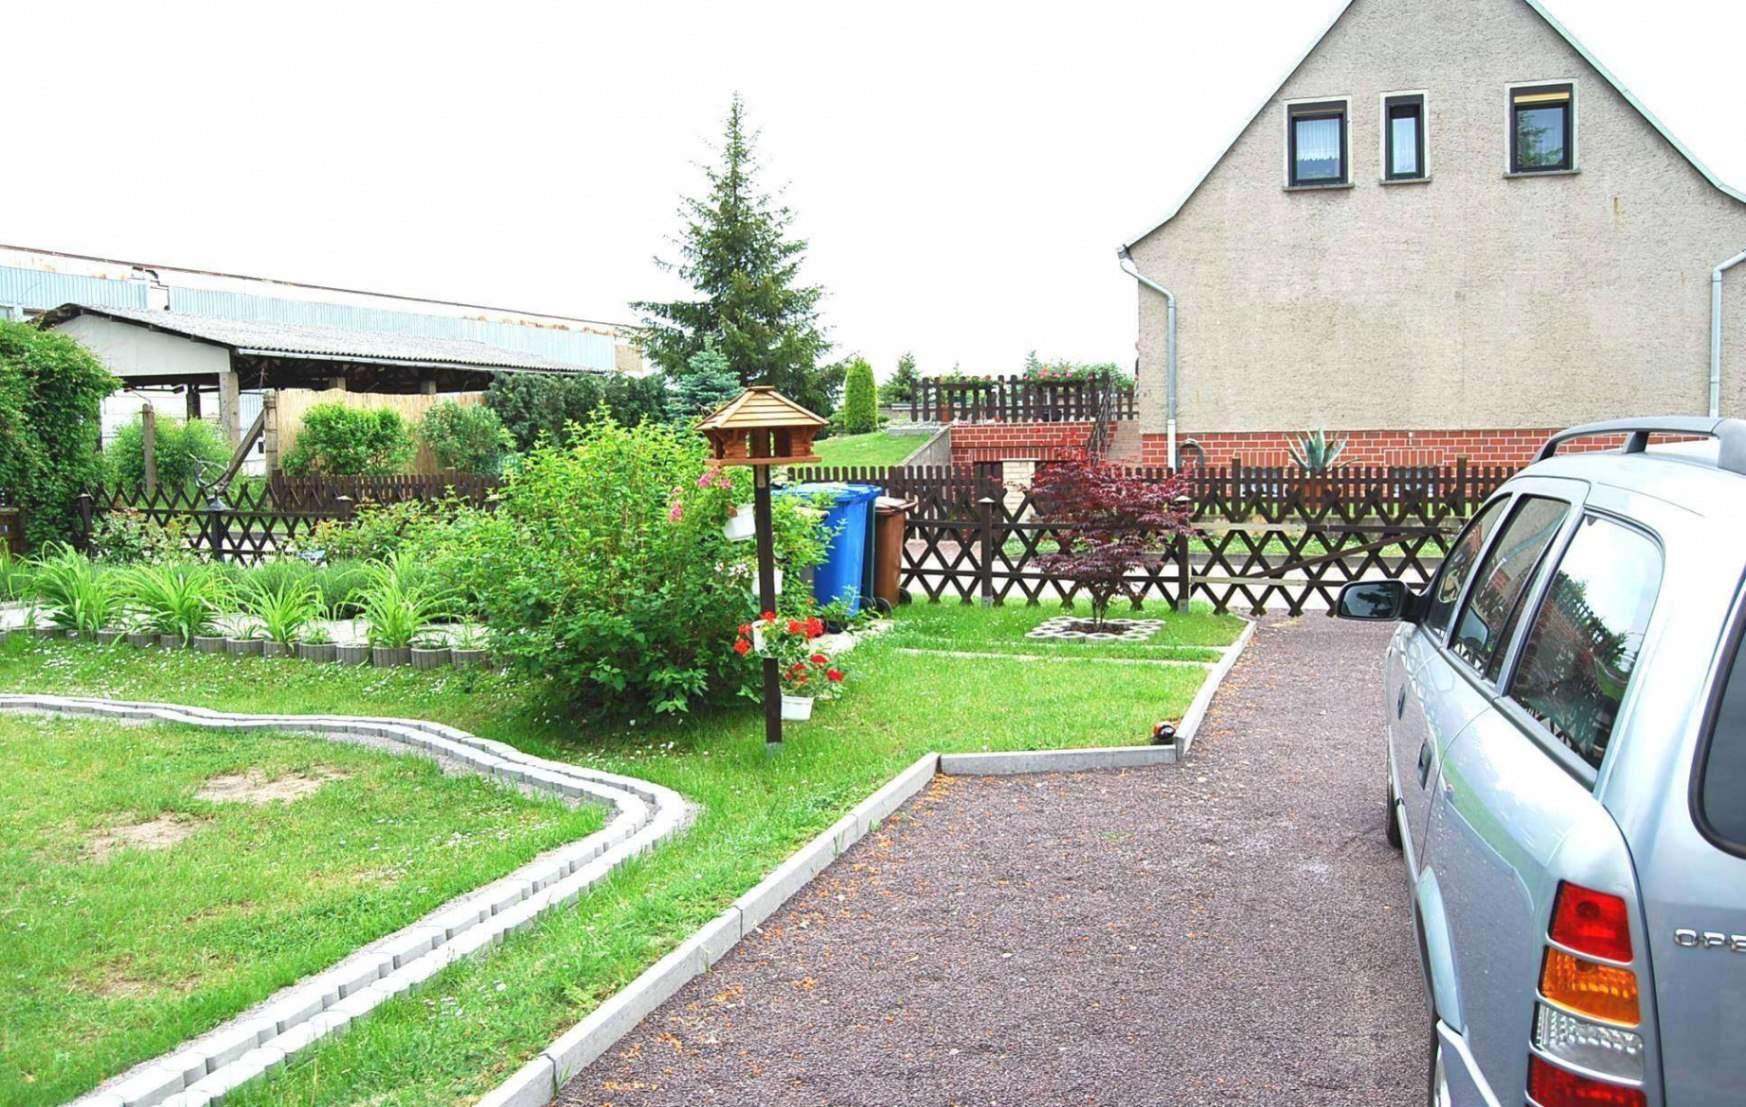 garten sitzbank mit dach grillplatz im garten anlegen temobardz home blog of garten sitzbank mit dach 1